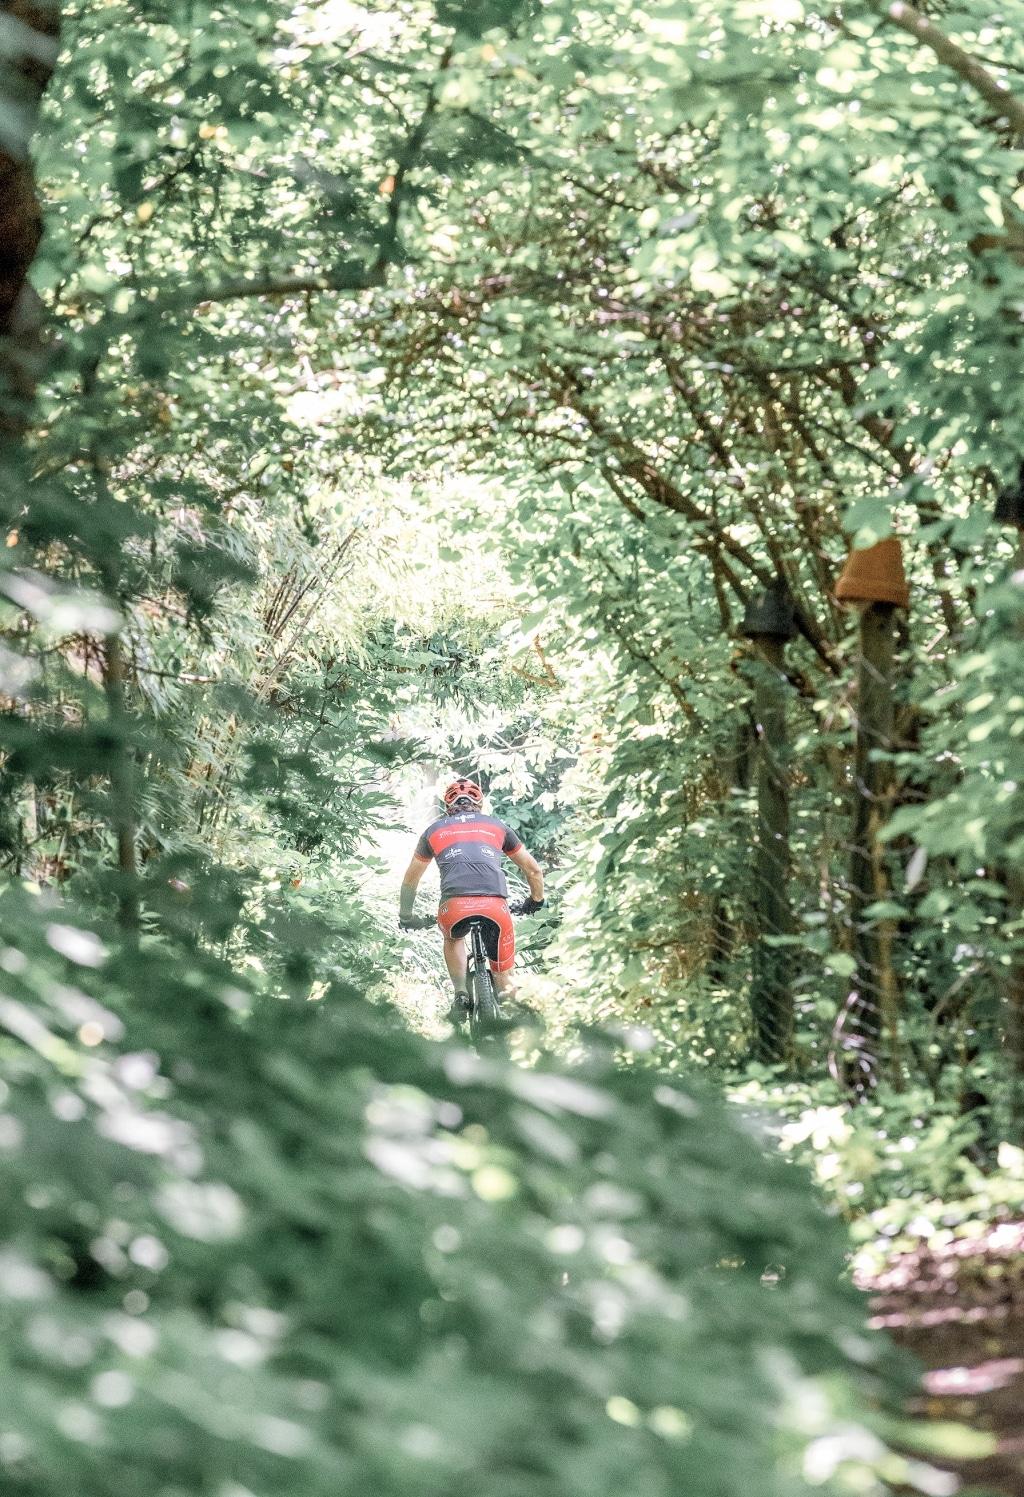 Radfahrer im Wald rund um den Pöllauberg